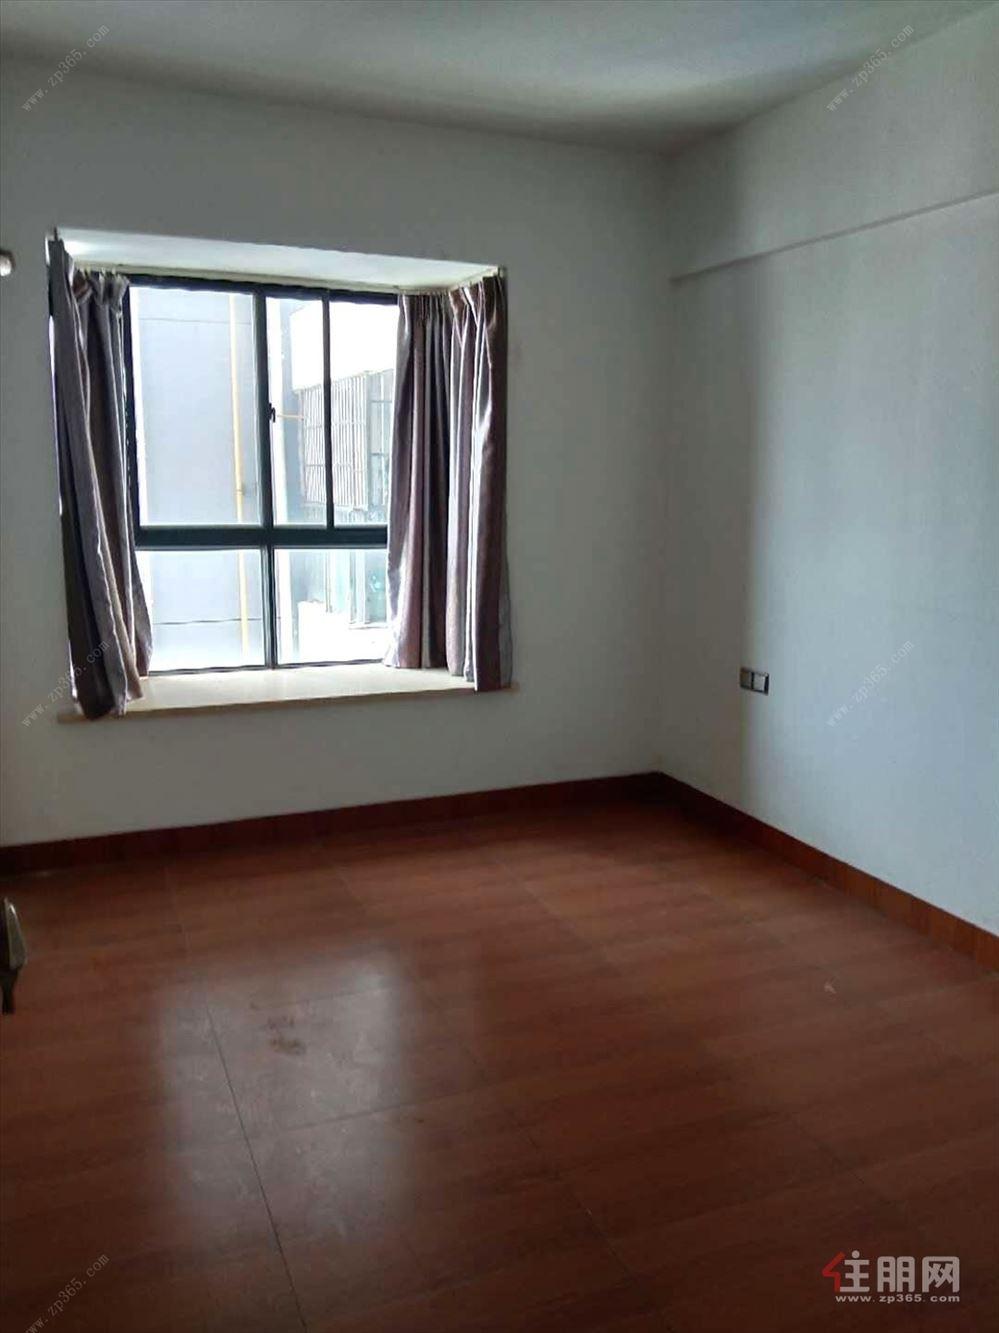 急租长湖景苑3号地铁 4房2厅 精装修配齐空调办公带车位